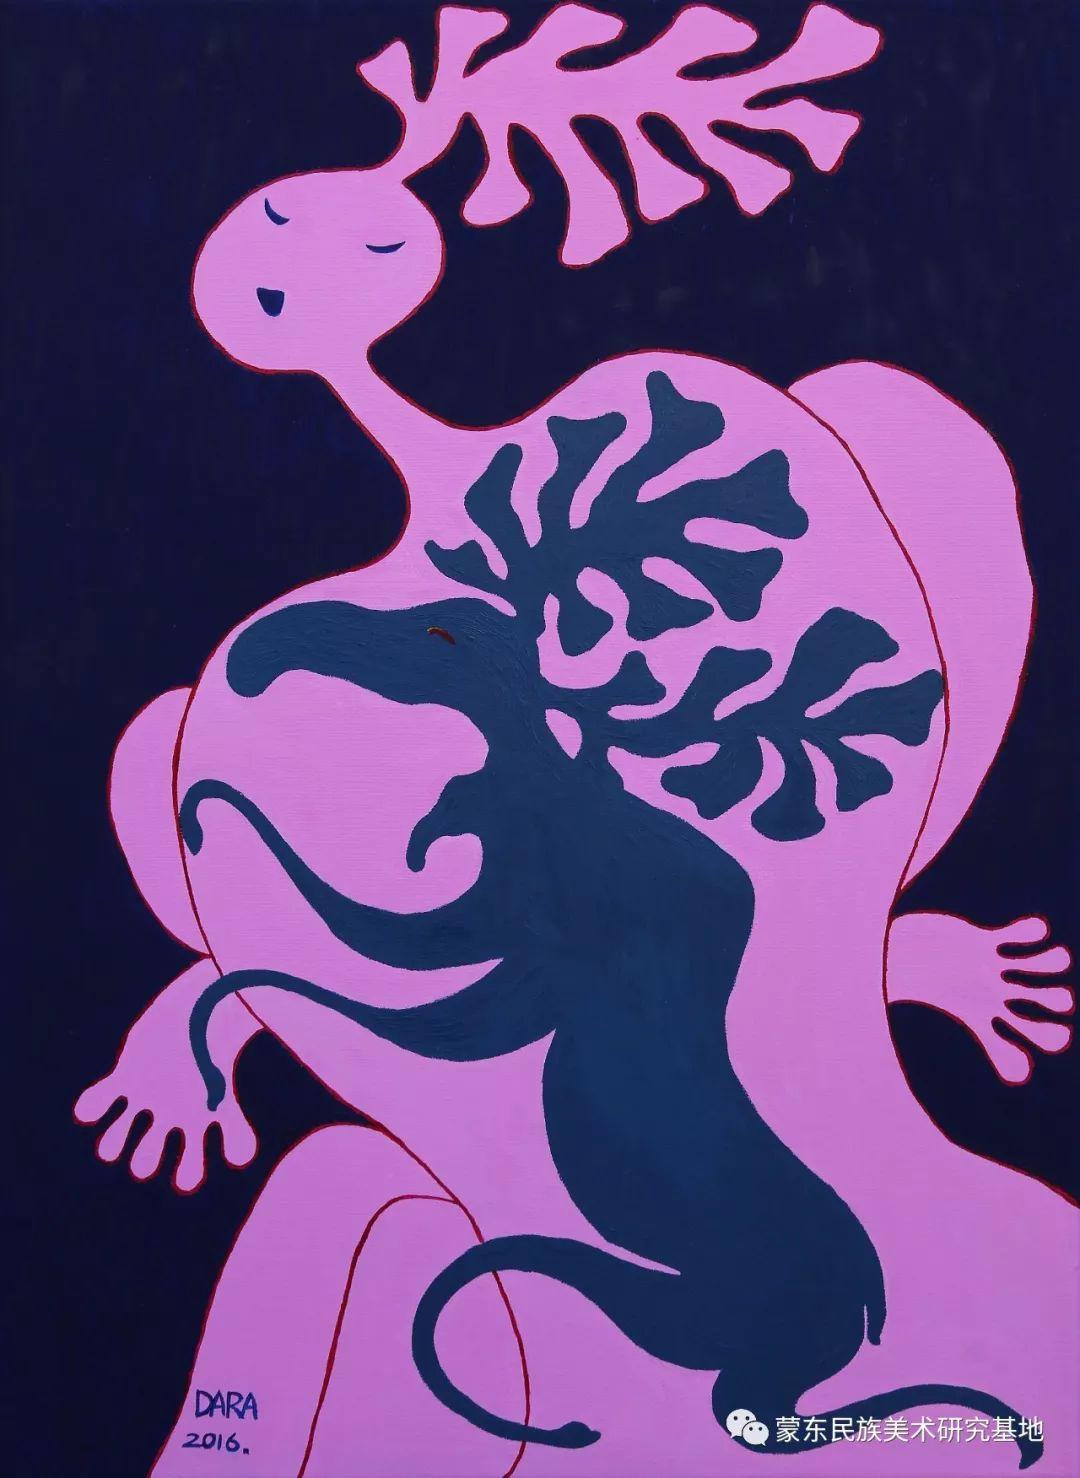 娜恩达拉油画作品——中国少数民族美术促进会,蒙东民族美术研究基地画家系列 第5张 娜恩达拉油画作品——中国少数民族美术促进会,蒙东民族美术研究基地画家系列 蒙古画廊